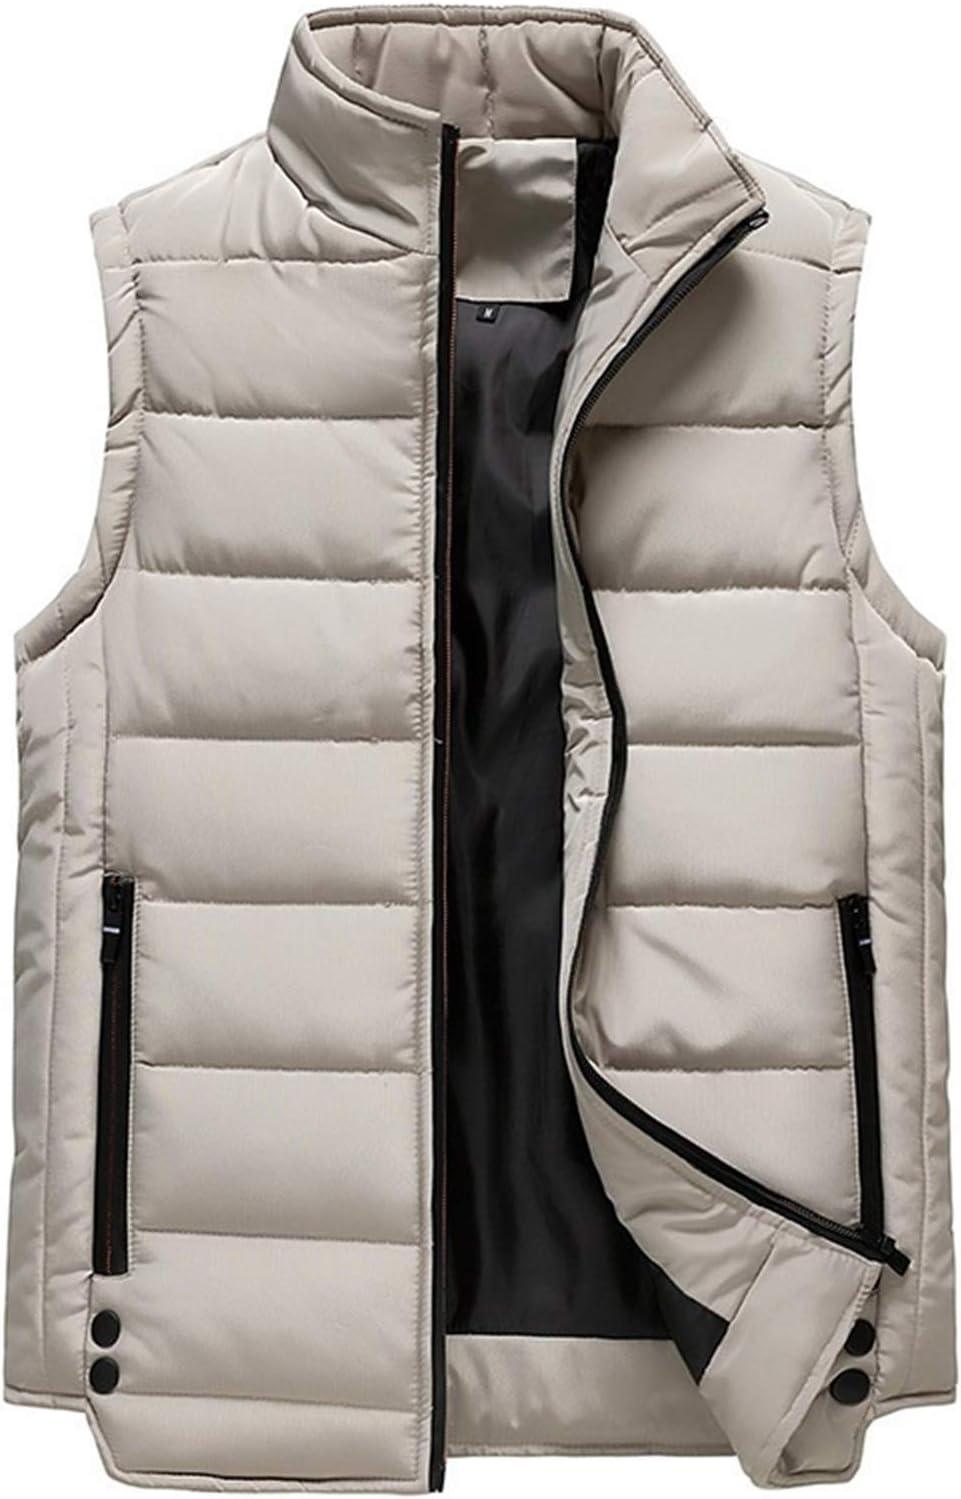 LYLY Vest Women Mens Vest Solid Autumn Warm Sleeveless Jacket Men Winter Casual Waistcoat Male Outwear Plus Size Vest Coats Vest Warm (Color : CC363 Khaki, Size : 4XL)